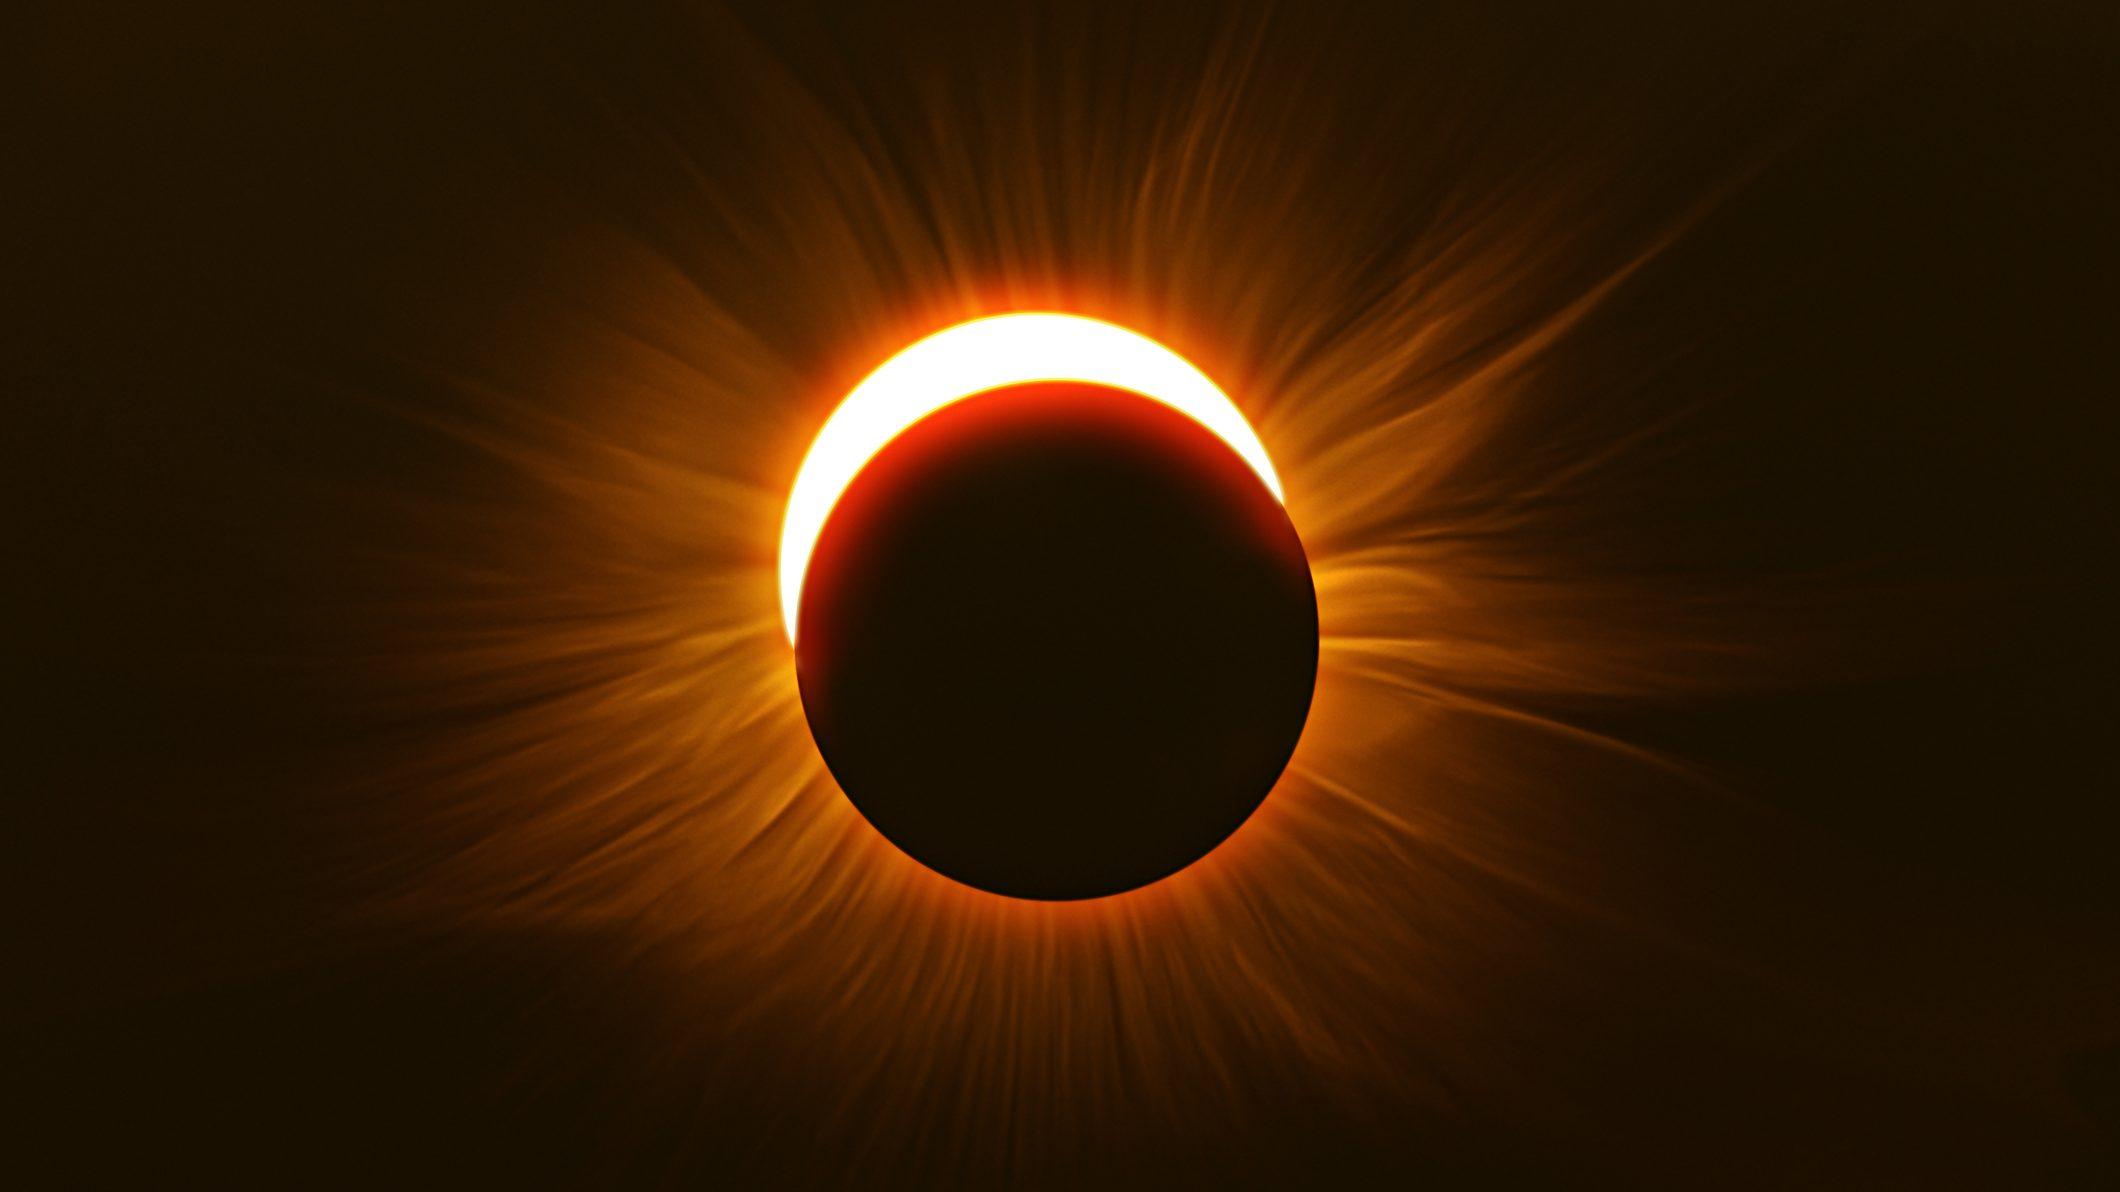 Eclipse provides unique solar image